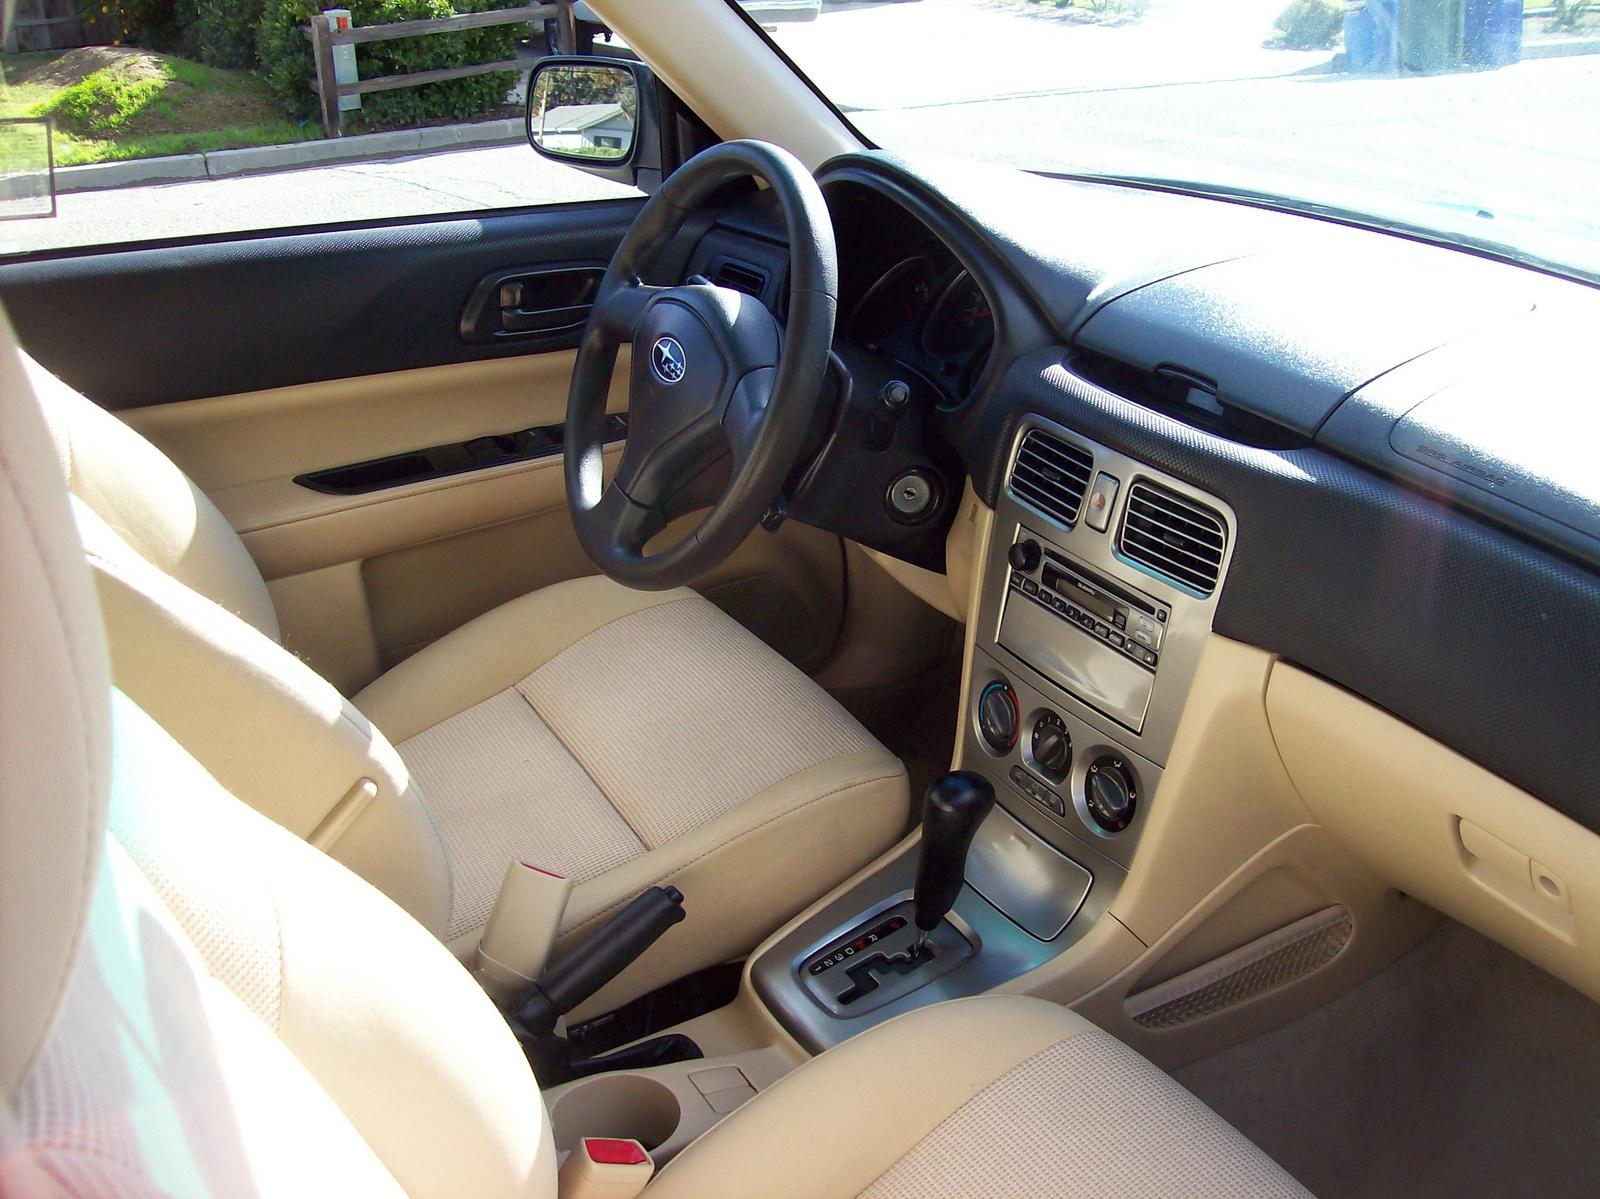 2008 Subaru Forester Pictures Cargurus